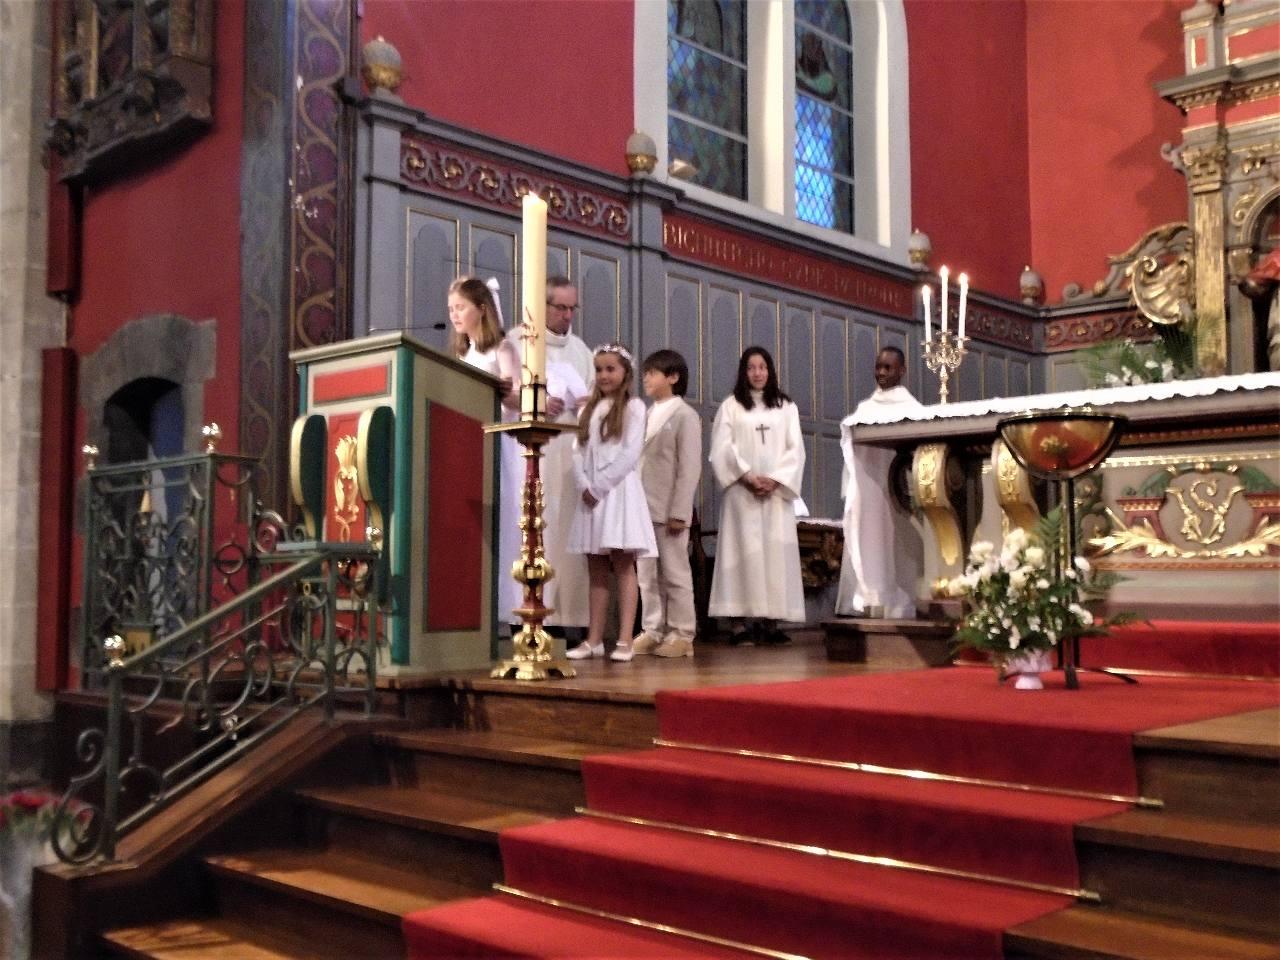 """Berta : """" Aujourd'hui, nous faisons un pas de plus vers toi, Seigneur ... aide-nous à vivre en communion avec les autres...."""""""